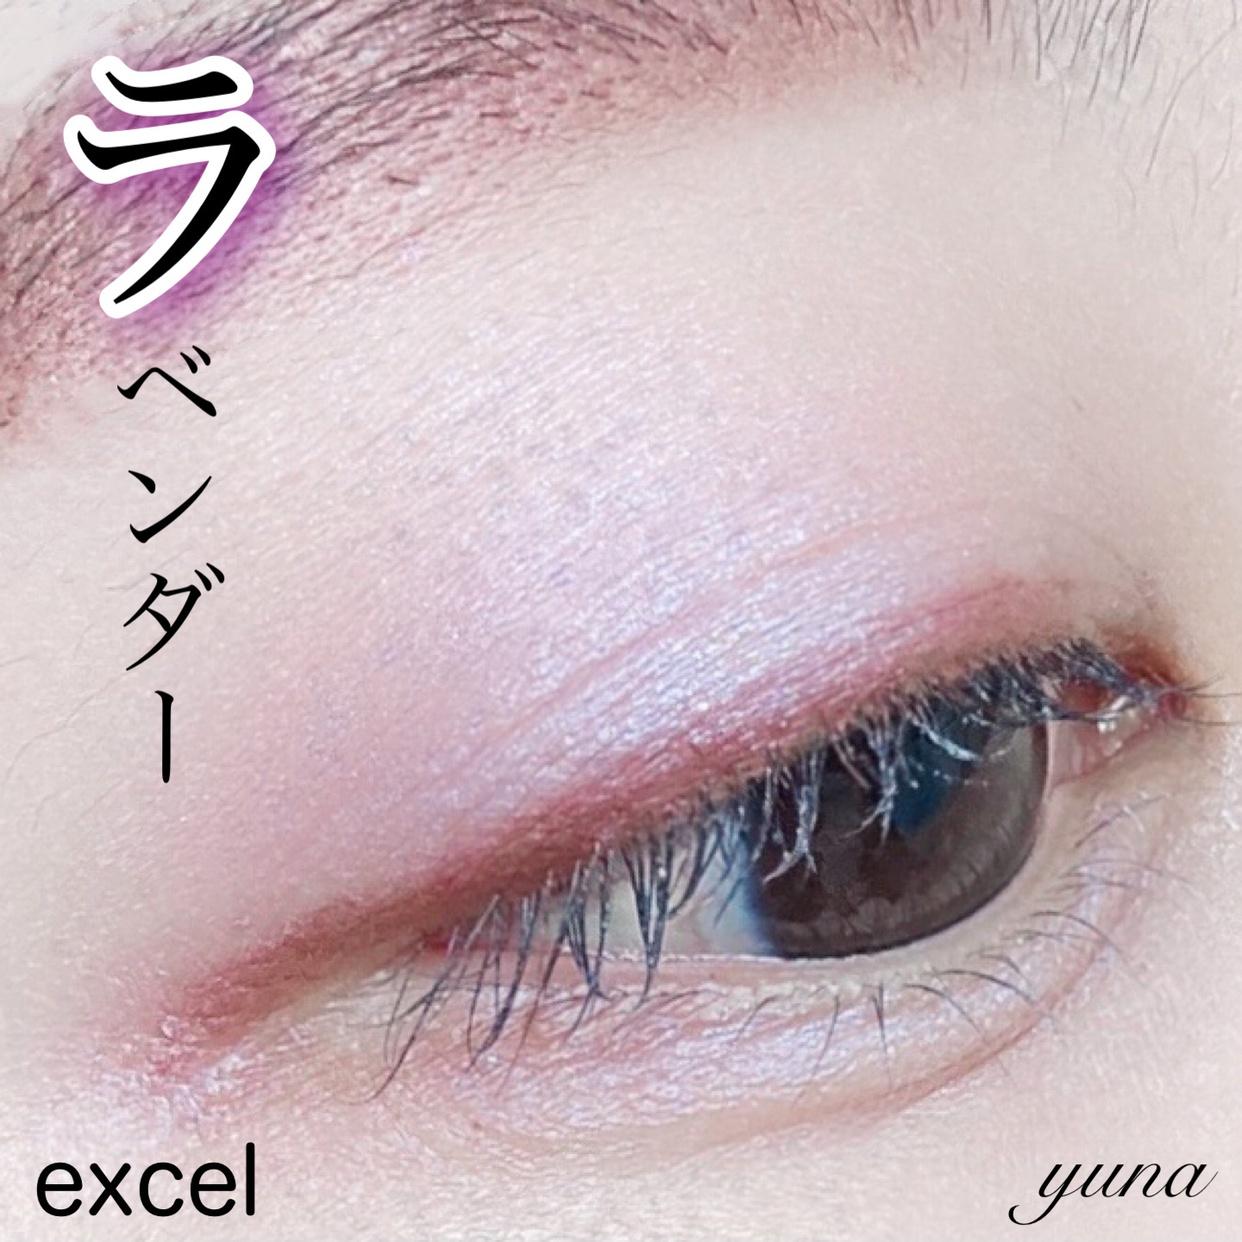 excel(エクセル) リアルクローズシャドウを使ったyunaさんのクチコミ画像